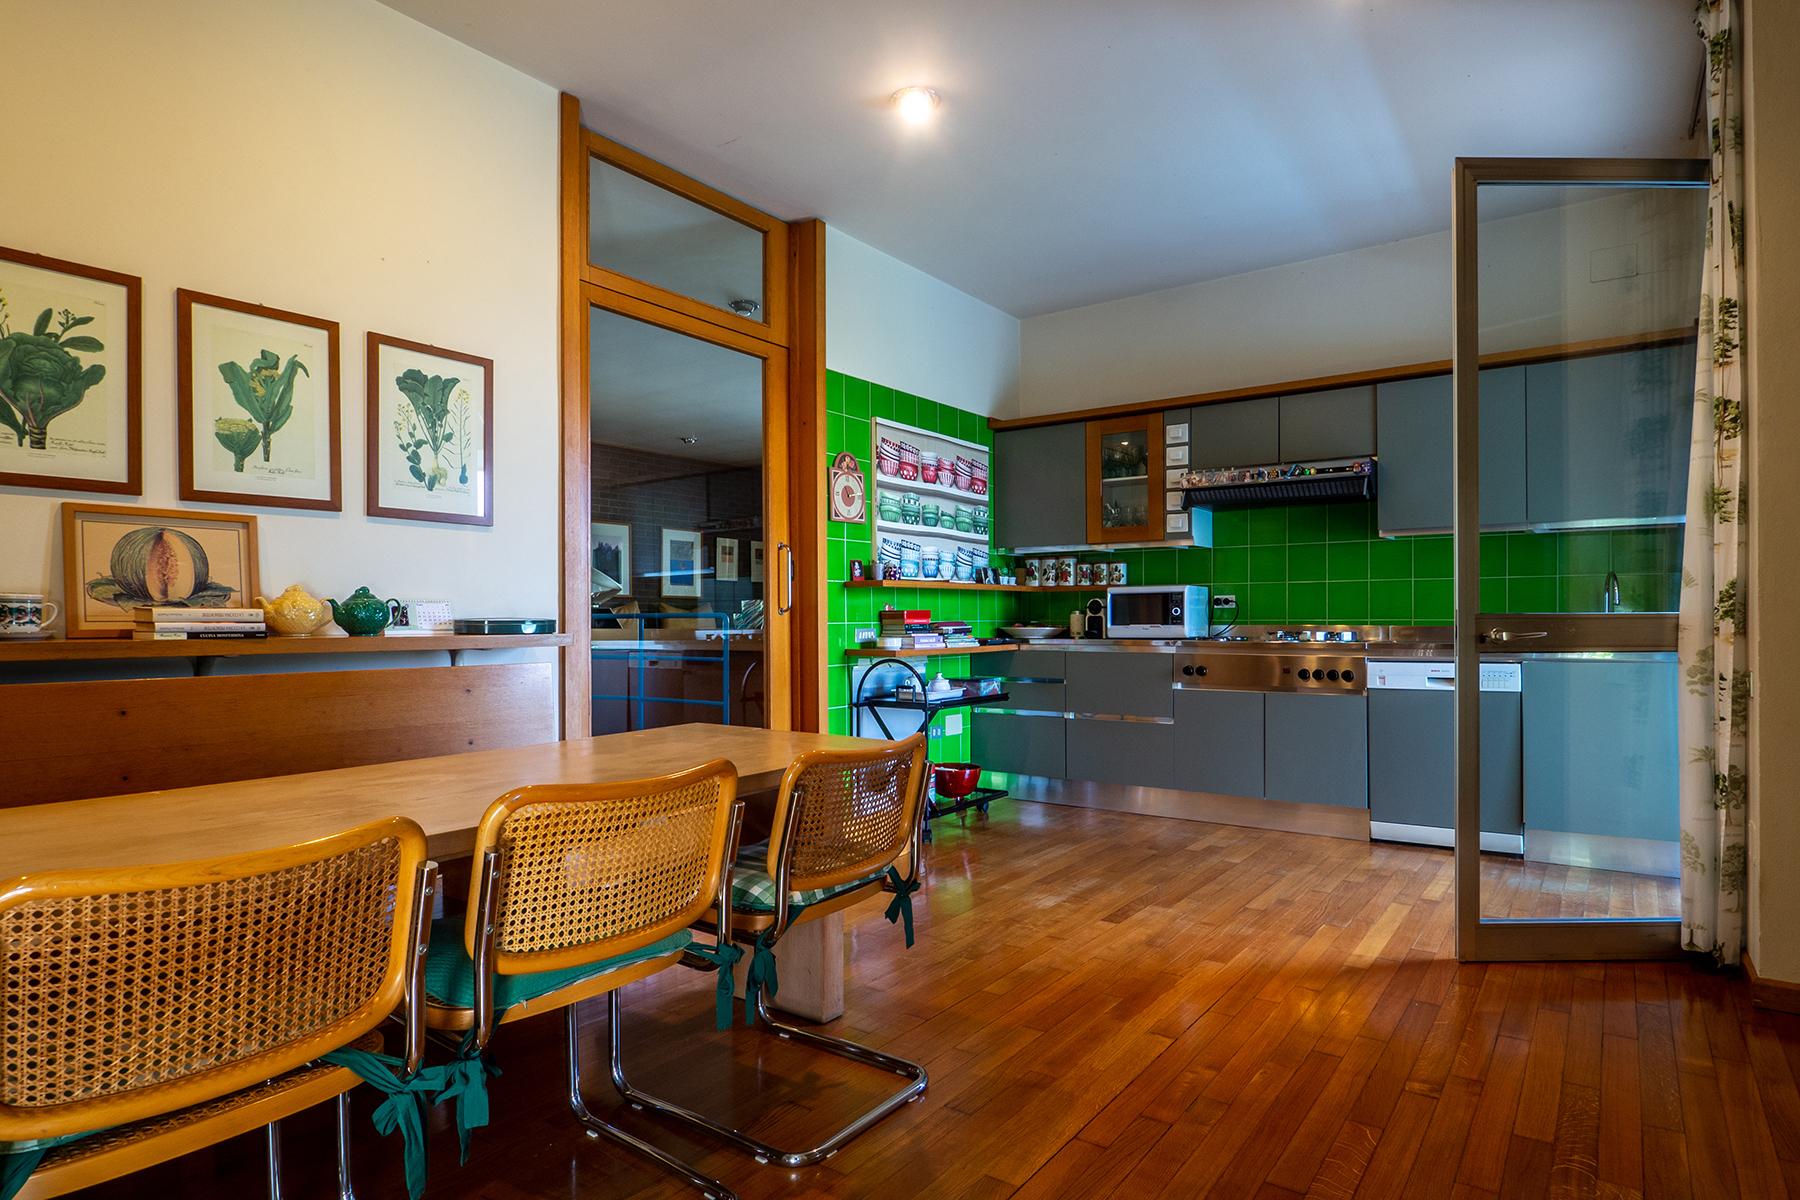 Casa indipendente in Vendita a Rosignano Monferrato: 5 locali, 290 mq - Foto 23